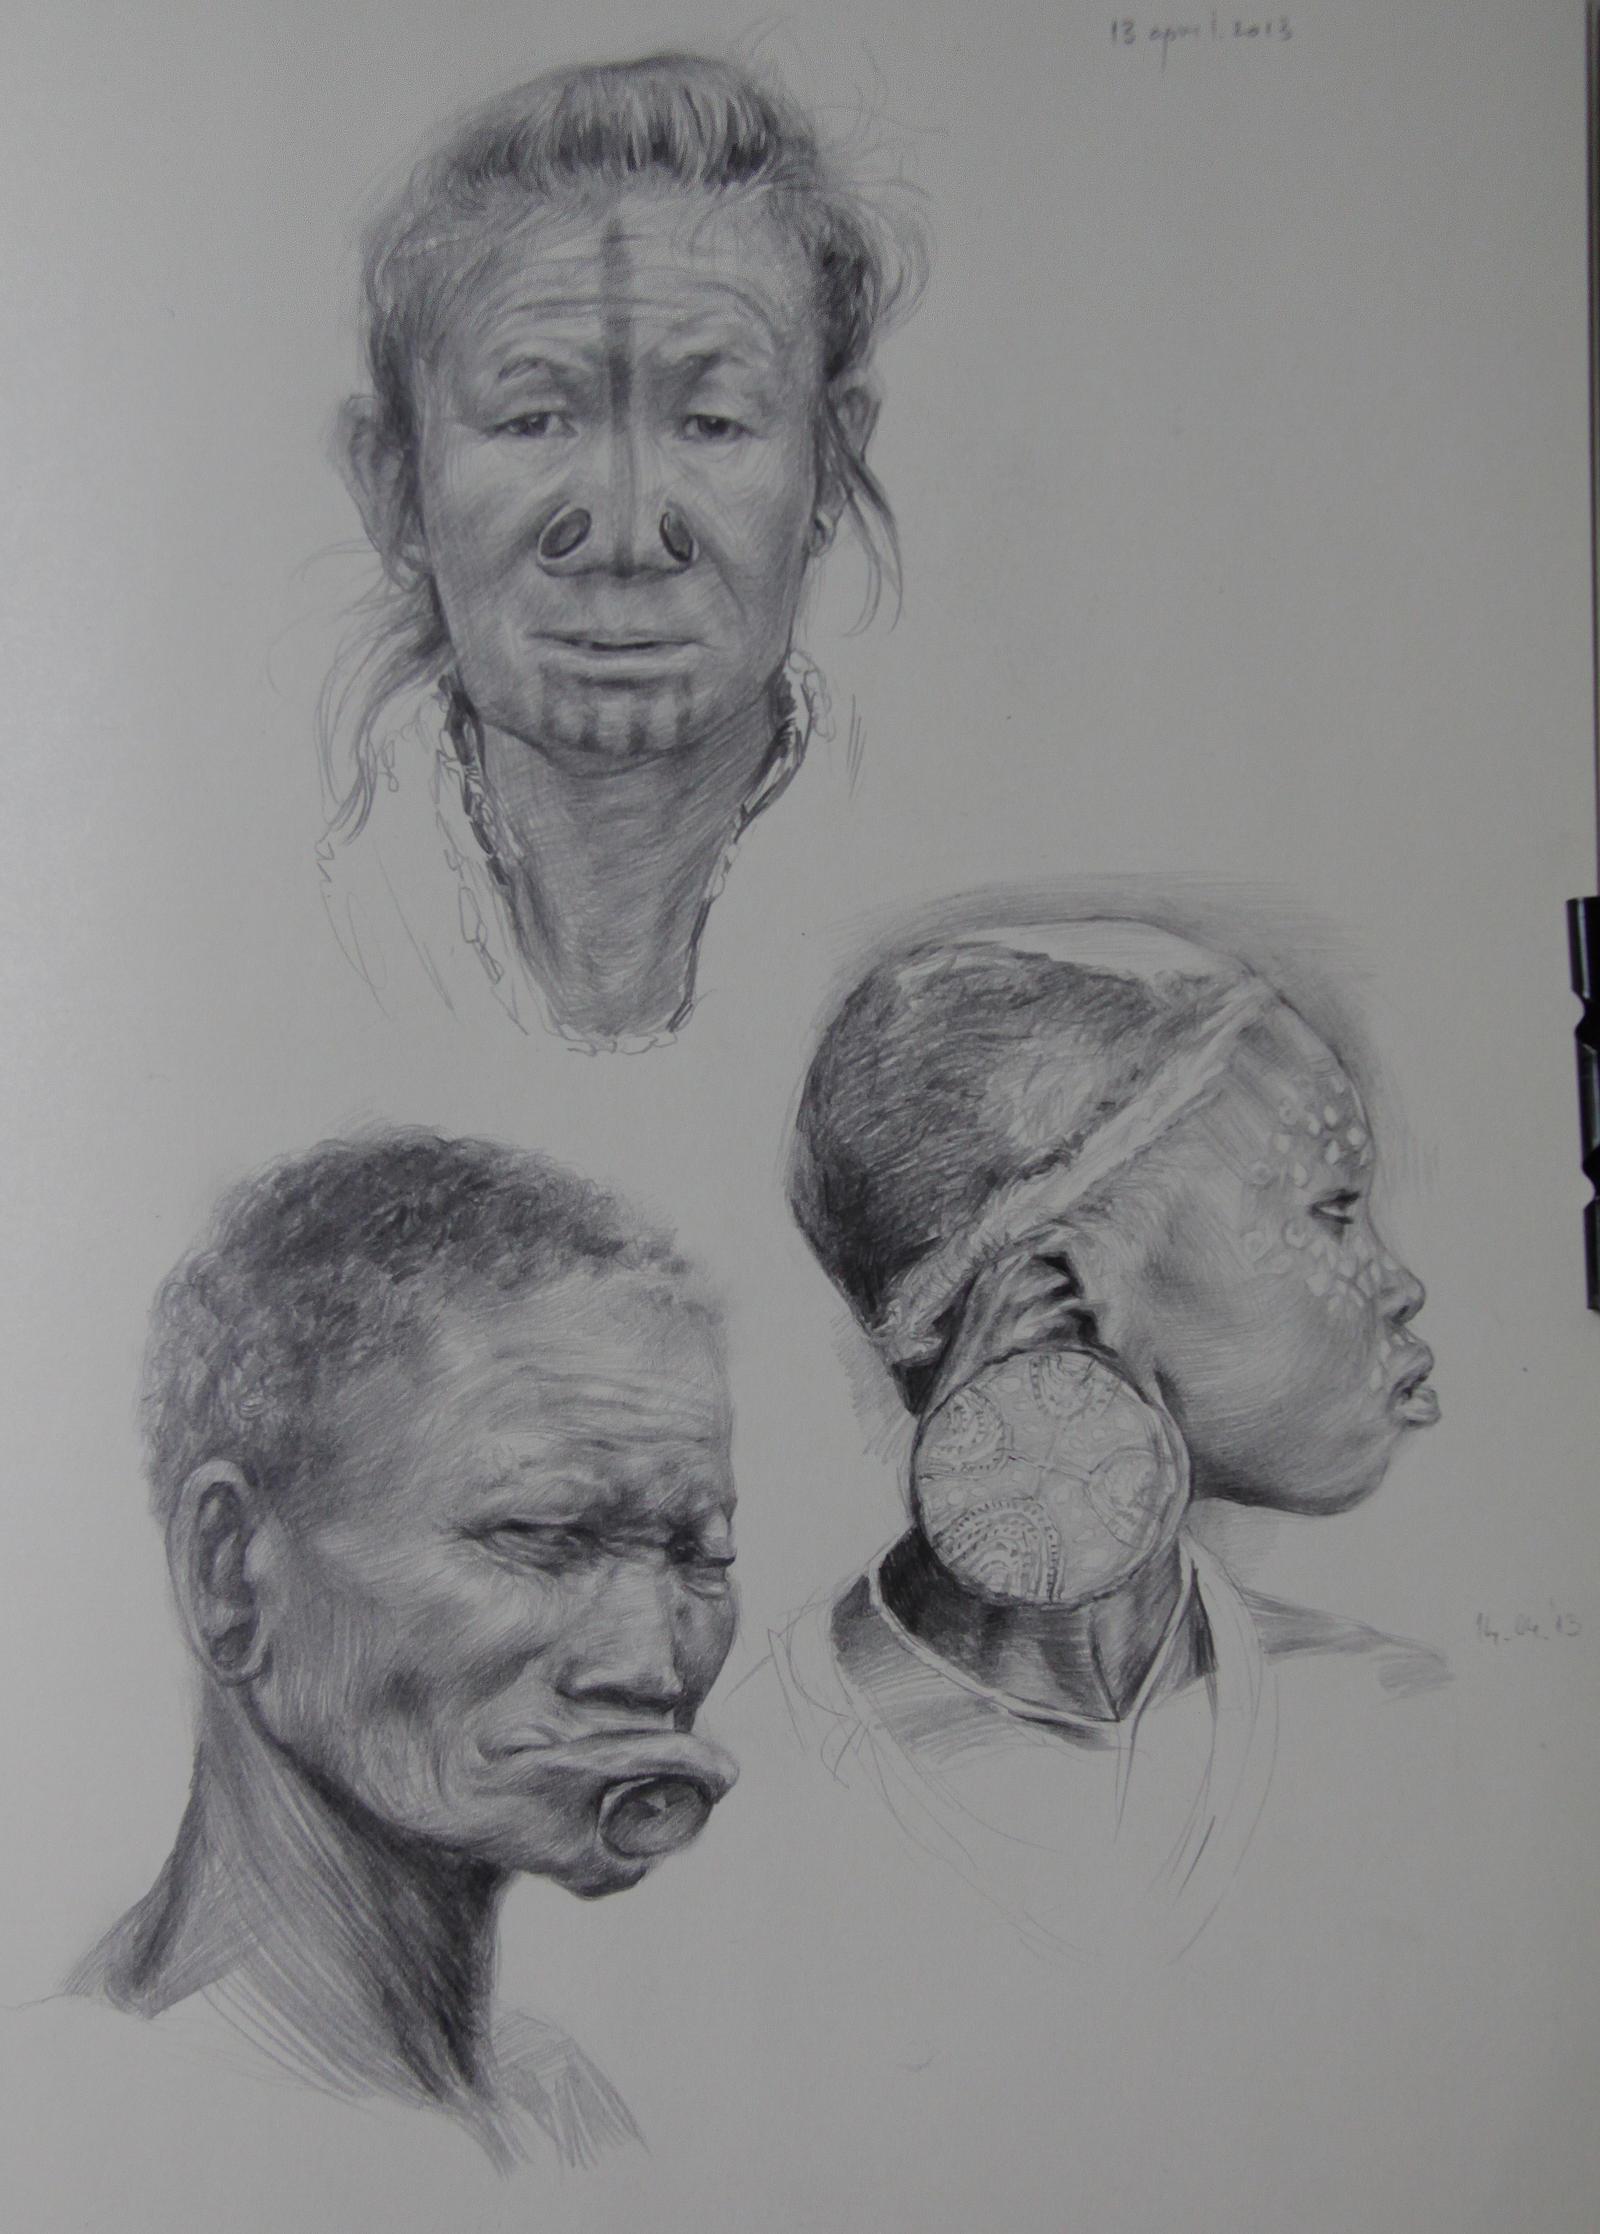 Sketching by MeWannaLearn